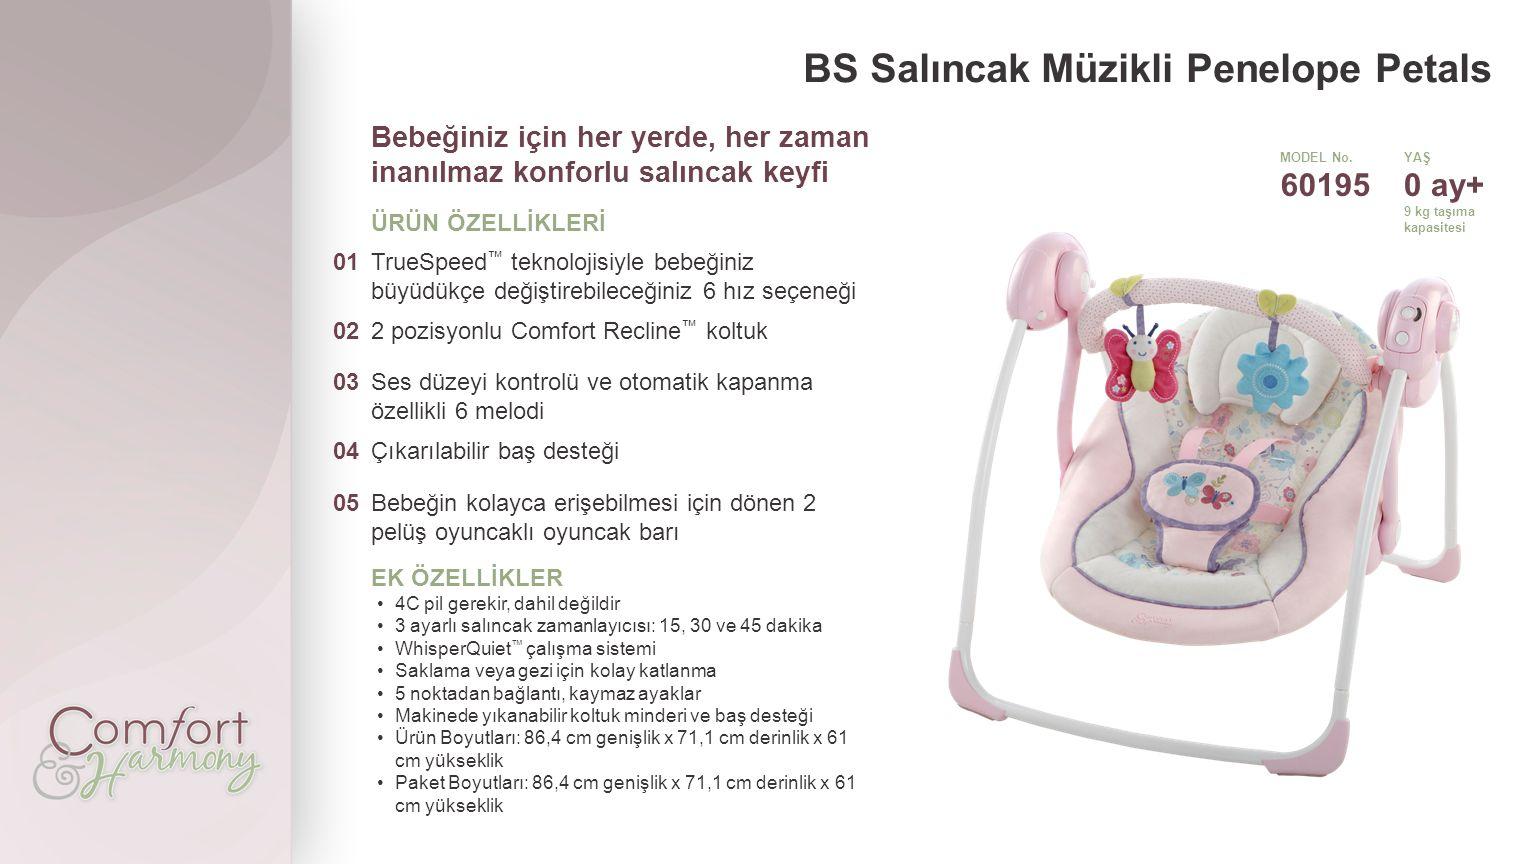 BS Salıncak Müzikli Penelope Petals Bebeğiniz için her yerde, her zaman inanılmaz konforlu salıncak keyfi ÜRÜN ÖZELLİKLERİ 01TrueSpeed ™ teknolojisiyle bebeğiniz büyüdükçe değiştirebileceğiniz 6 hız seçeneği 022 pozisyonlu Comfort Recline ™ koltuk 03Ses düzeyi kontrolü ve otomatik kapanma özellikli 6 melodi 04Çıkarılabilir baş desteği 05Bebeğin kolayca erişebilmesi için dönen 2 pelüş oyuncaklı oyuncak barı EK ÖZELLİKLER 4C pil gerekir, dahil değildir 3 ayarlı salıncak zamanlayıcısı: 15, 30 ve 45 dakika WhisperQuiet ™ çalışma sistemi Saklama veya gezi için kolay katlanma 5 noktadan bağlantı, kaymaz ayaklar Makinede yıkanabilir koltuk minderi ve baş desteği Ürün Boyutları: 86,4 cm genişlik x 71,1 cm derinlik x 61 cm yükseklik Paket Boyutları: 86,4 cm genişlik x 71,1 cm derinlik x 61 cm yükseklik MODEL No.YAŞ 601950 ay+ 9 kg taşıma kapasitesi